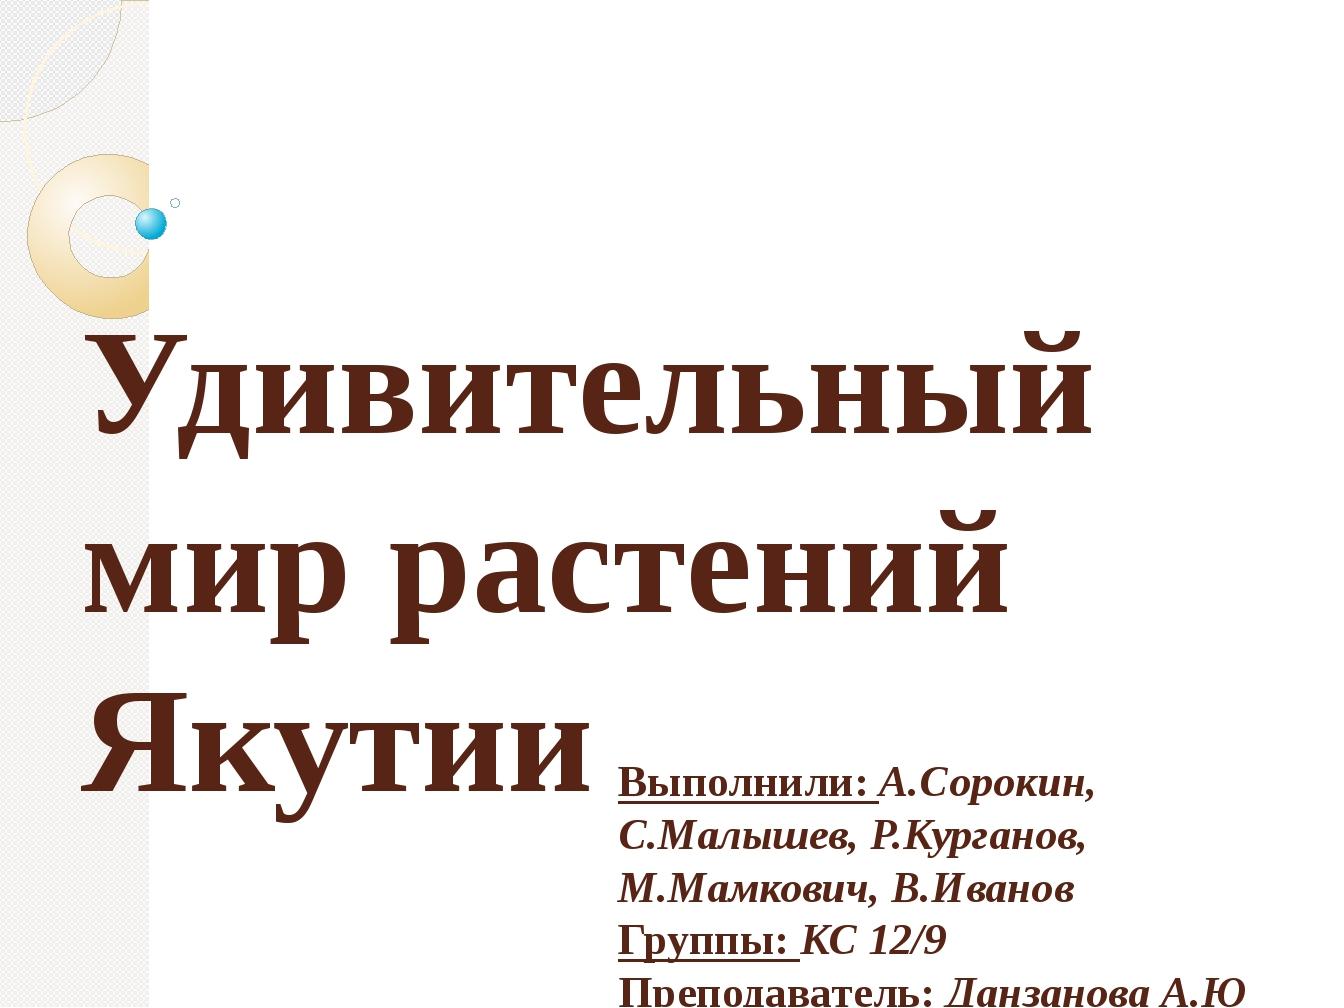 Удивительный мир растений Якутии Выполнили: А.Сорокин, С.Малышев, Р.Курганов,...